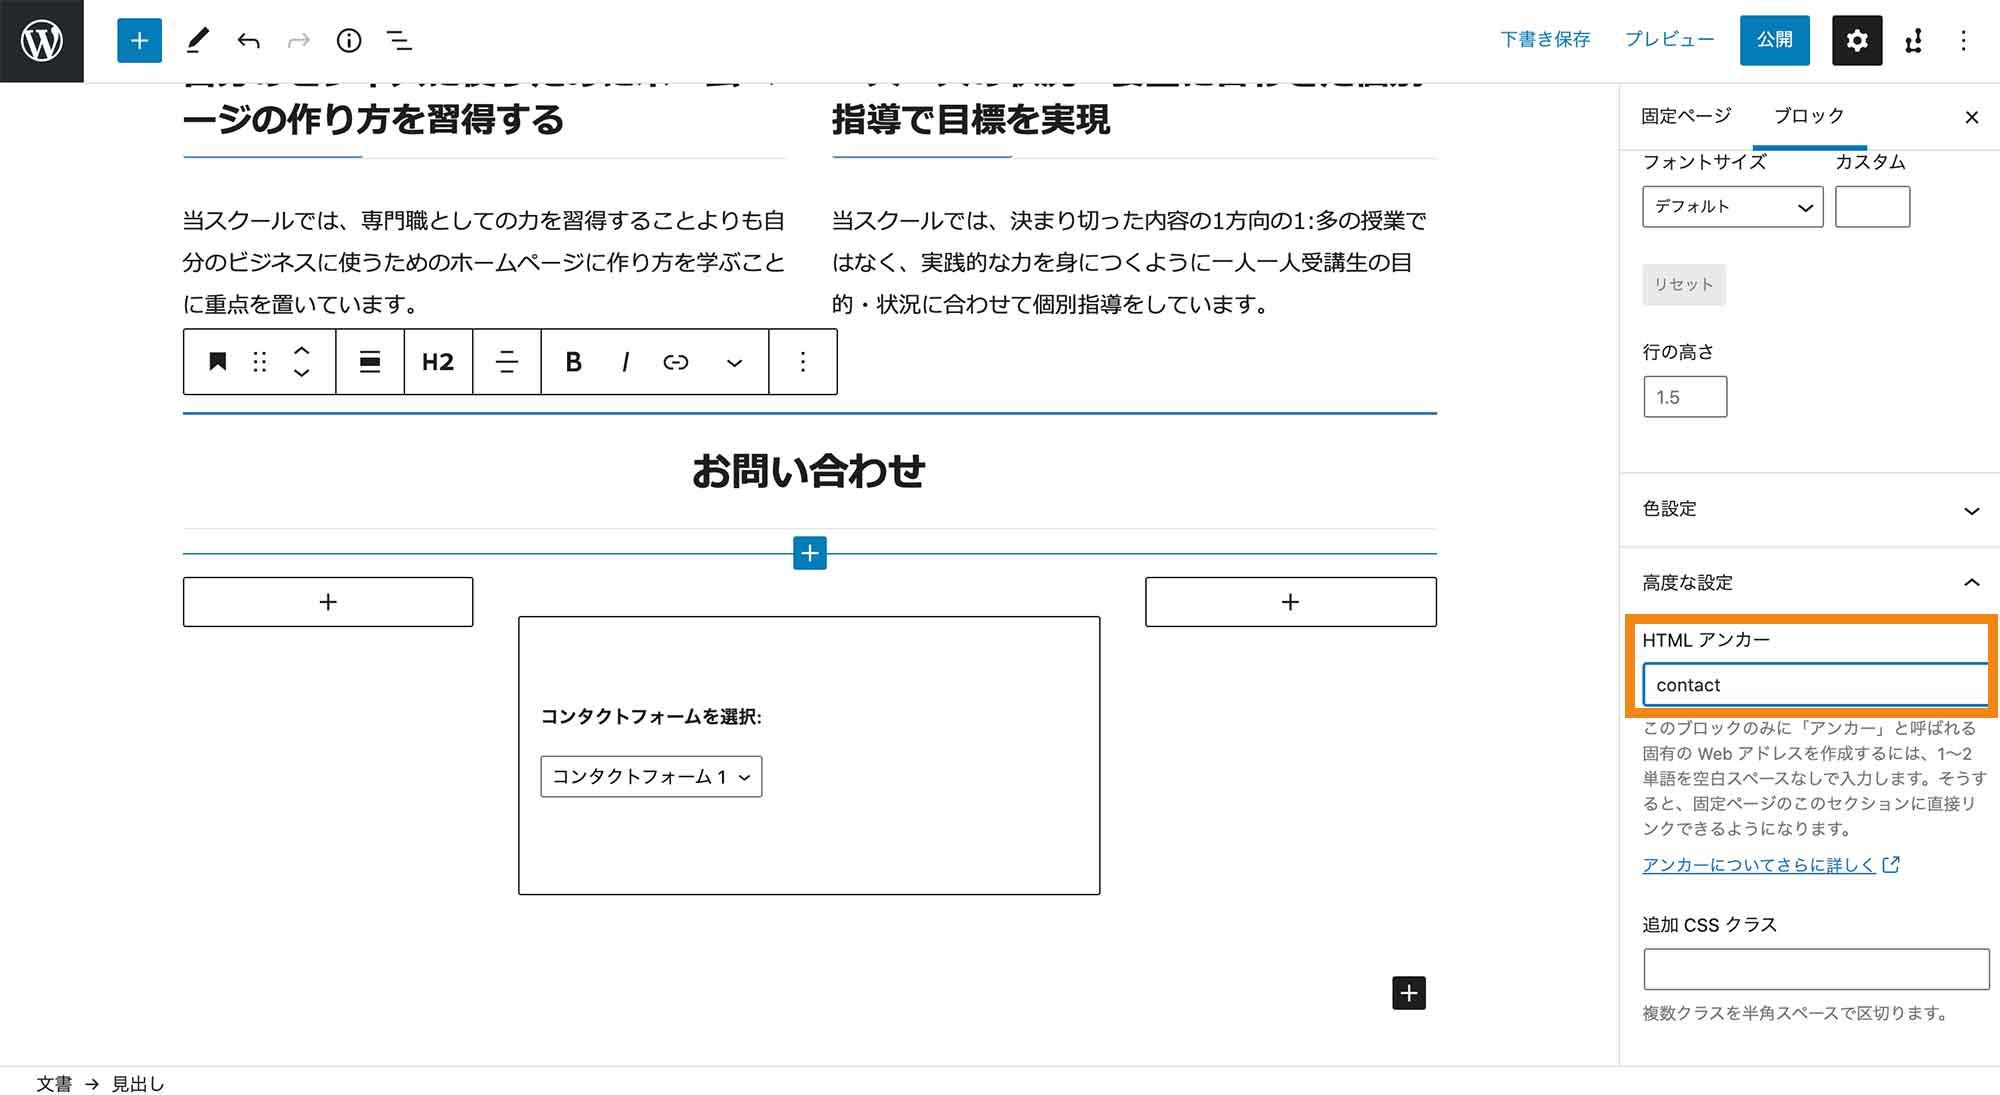 見出しに対する設定メニュー>HTMLアンカー